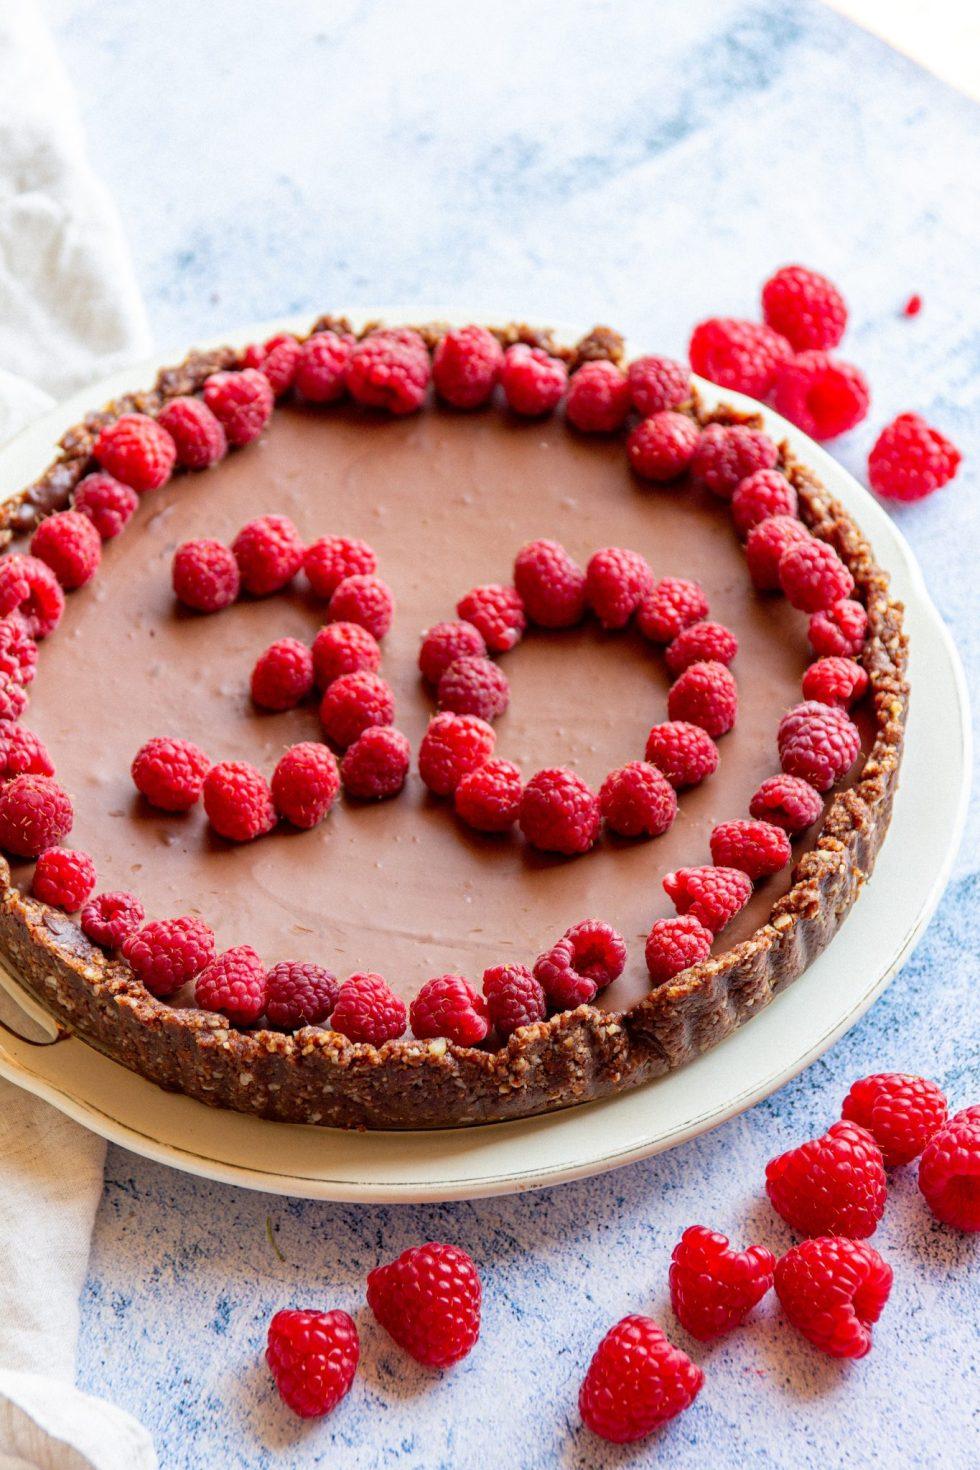 vegan chocolate ganache tart